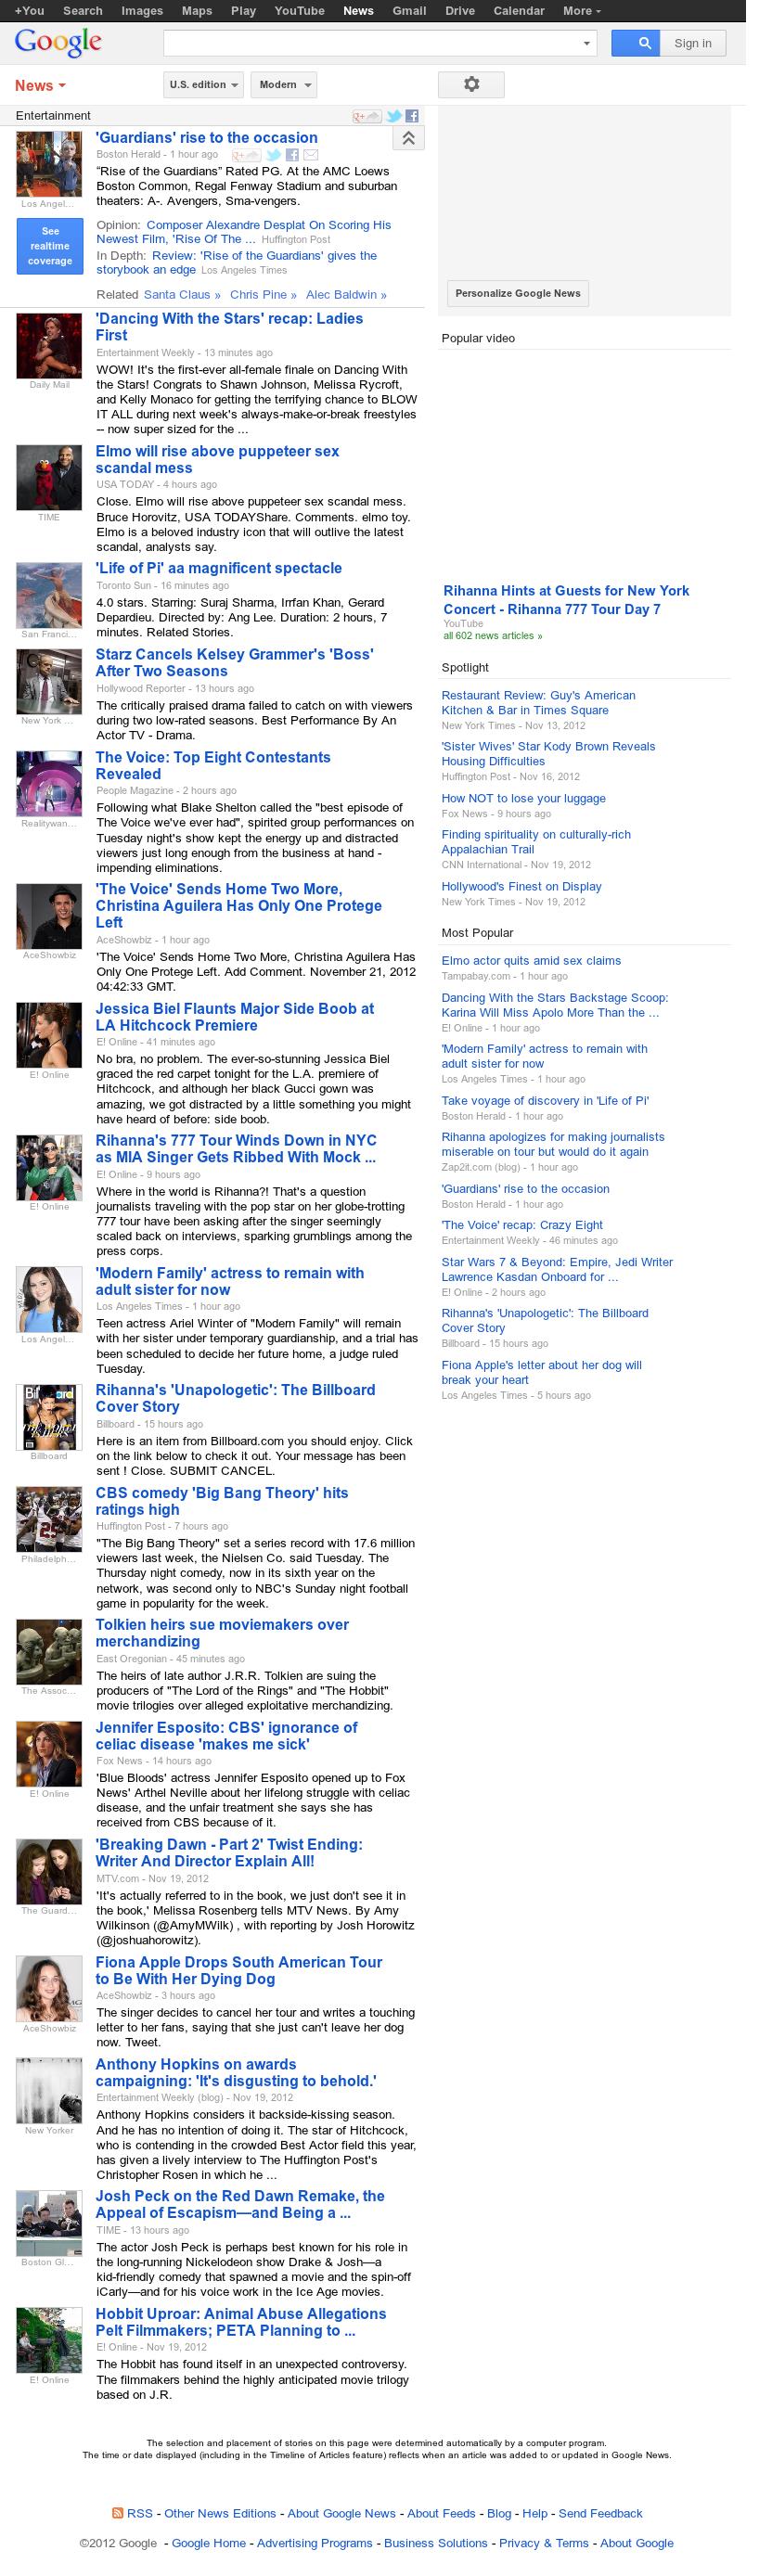 Google News: Entertainment at Wednesday Nov. 21, 2012, 6:11 a.m. UTC